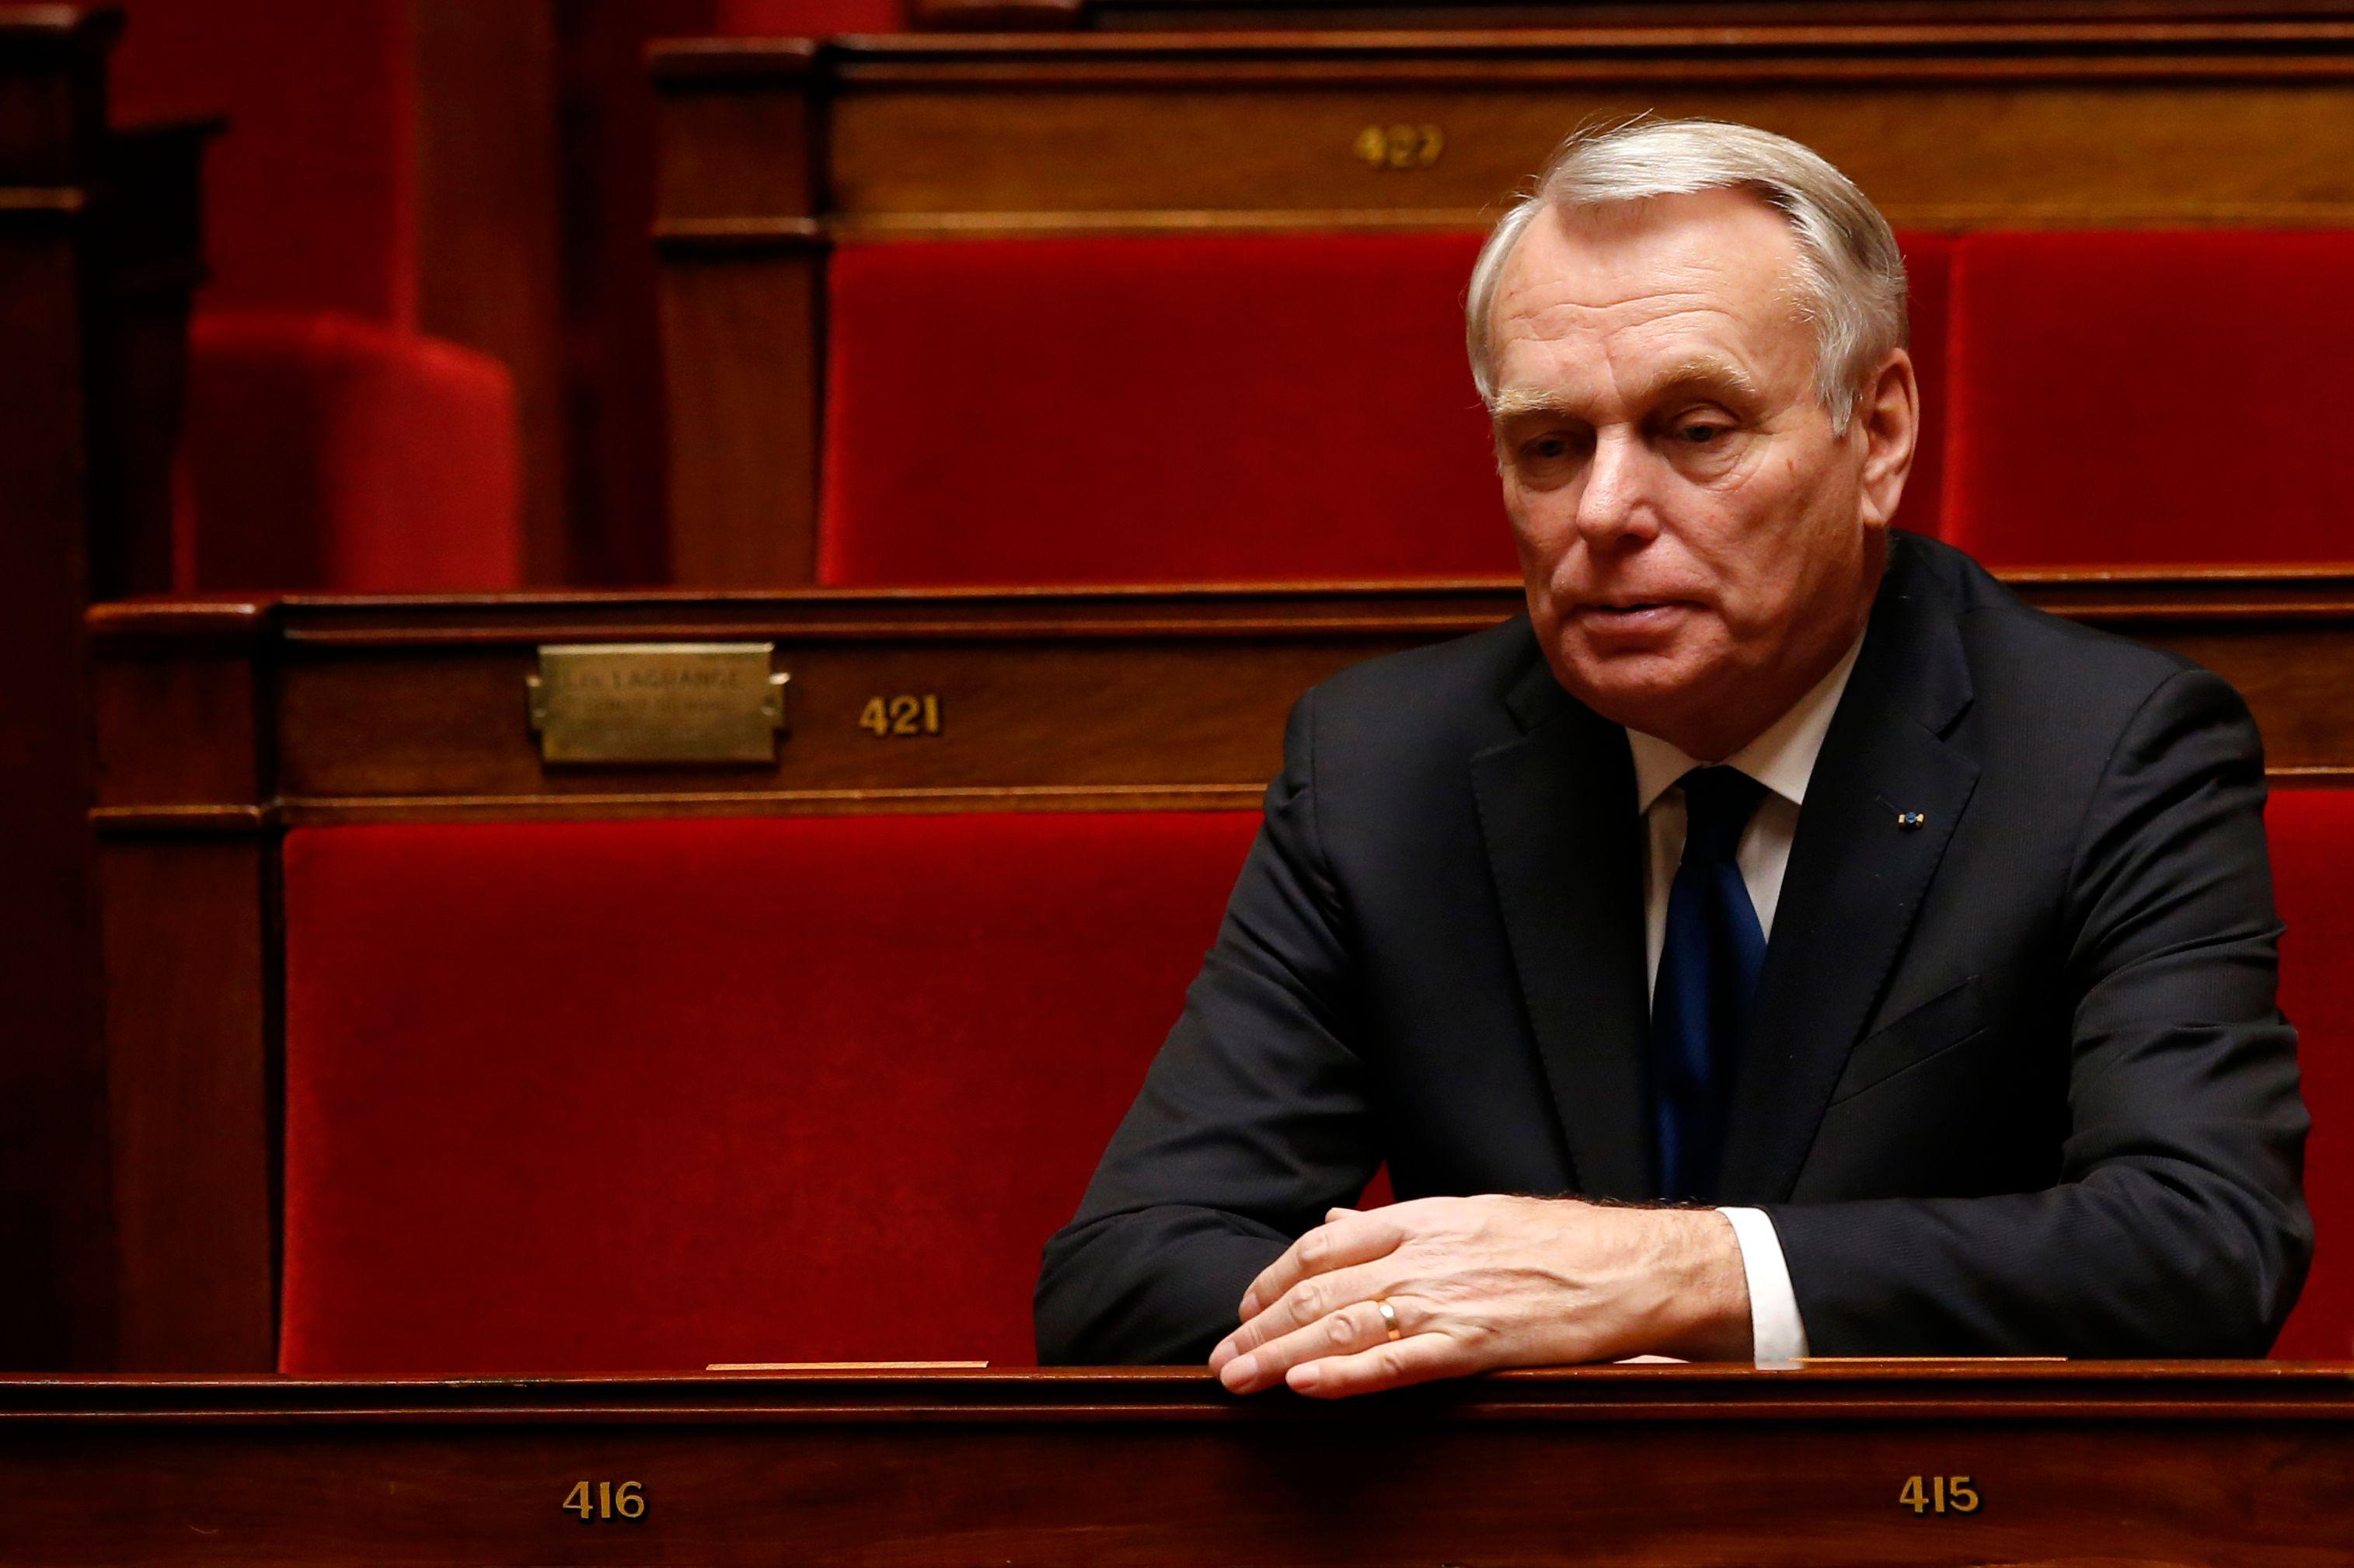 Pourquoi Jean-Marc Ayrault ne sera pas en mesure de rééquilibrer le rapport de force avec l'Allemagne sur la diplomatie européenne